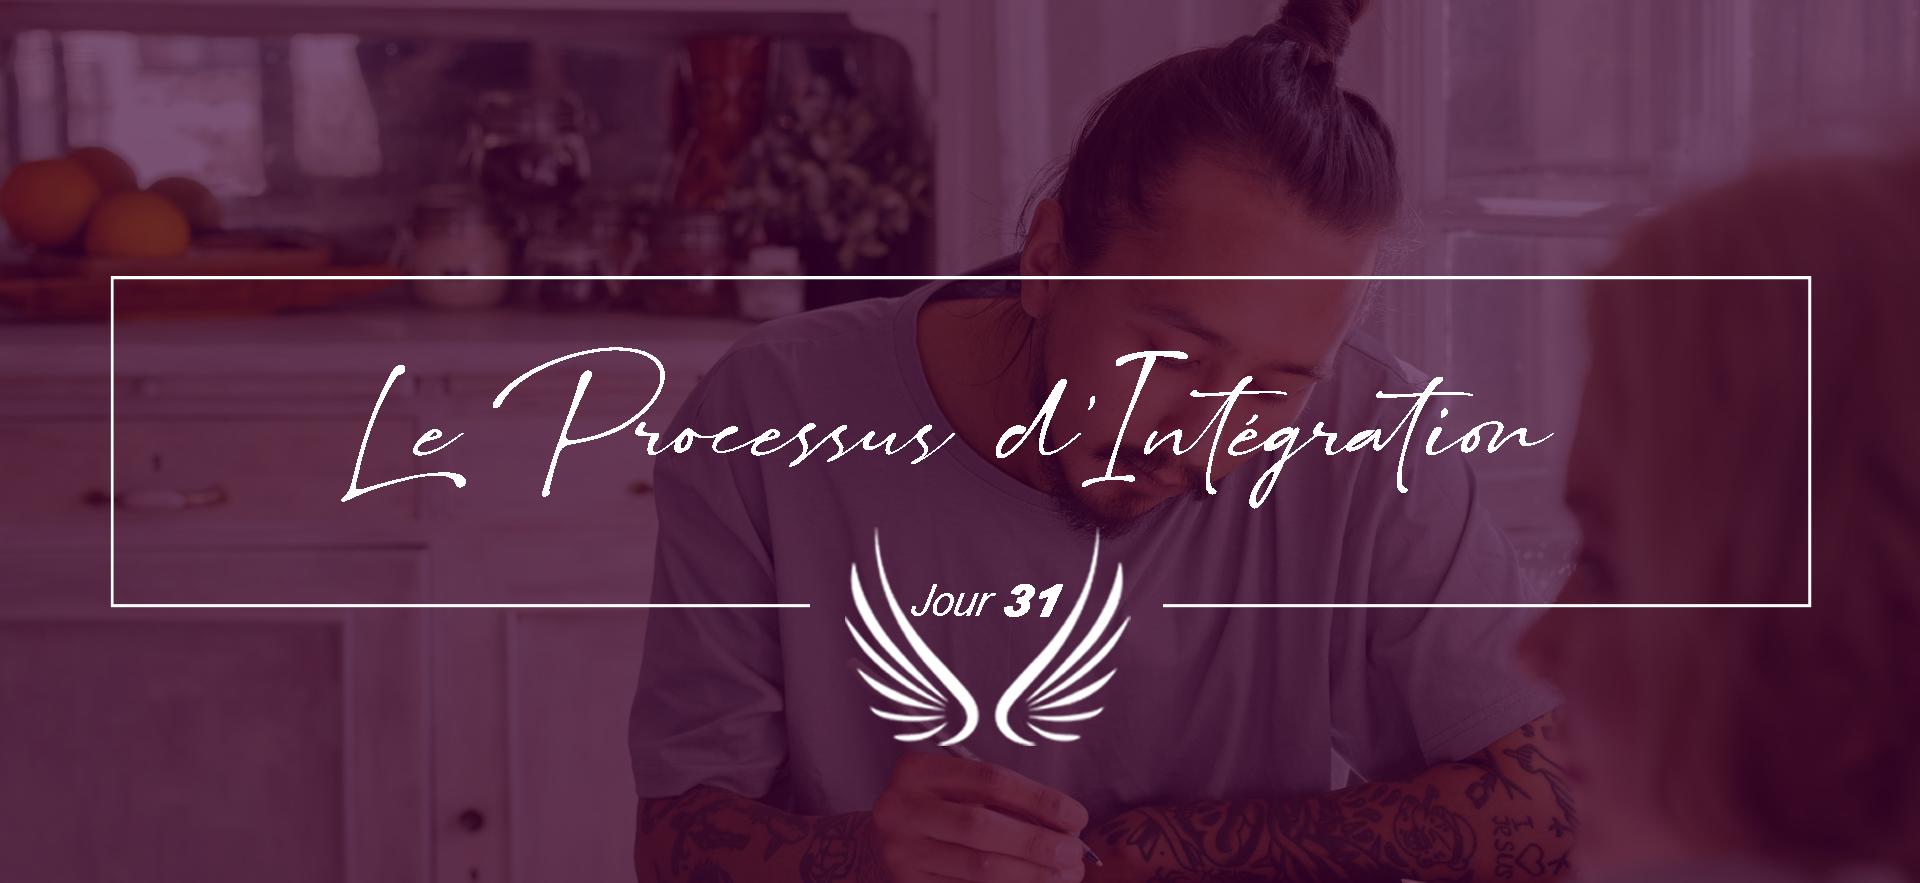 JOUR 31 – LE PROCESSUS D'INTEGRATION.png